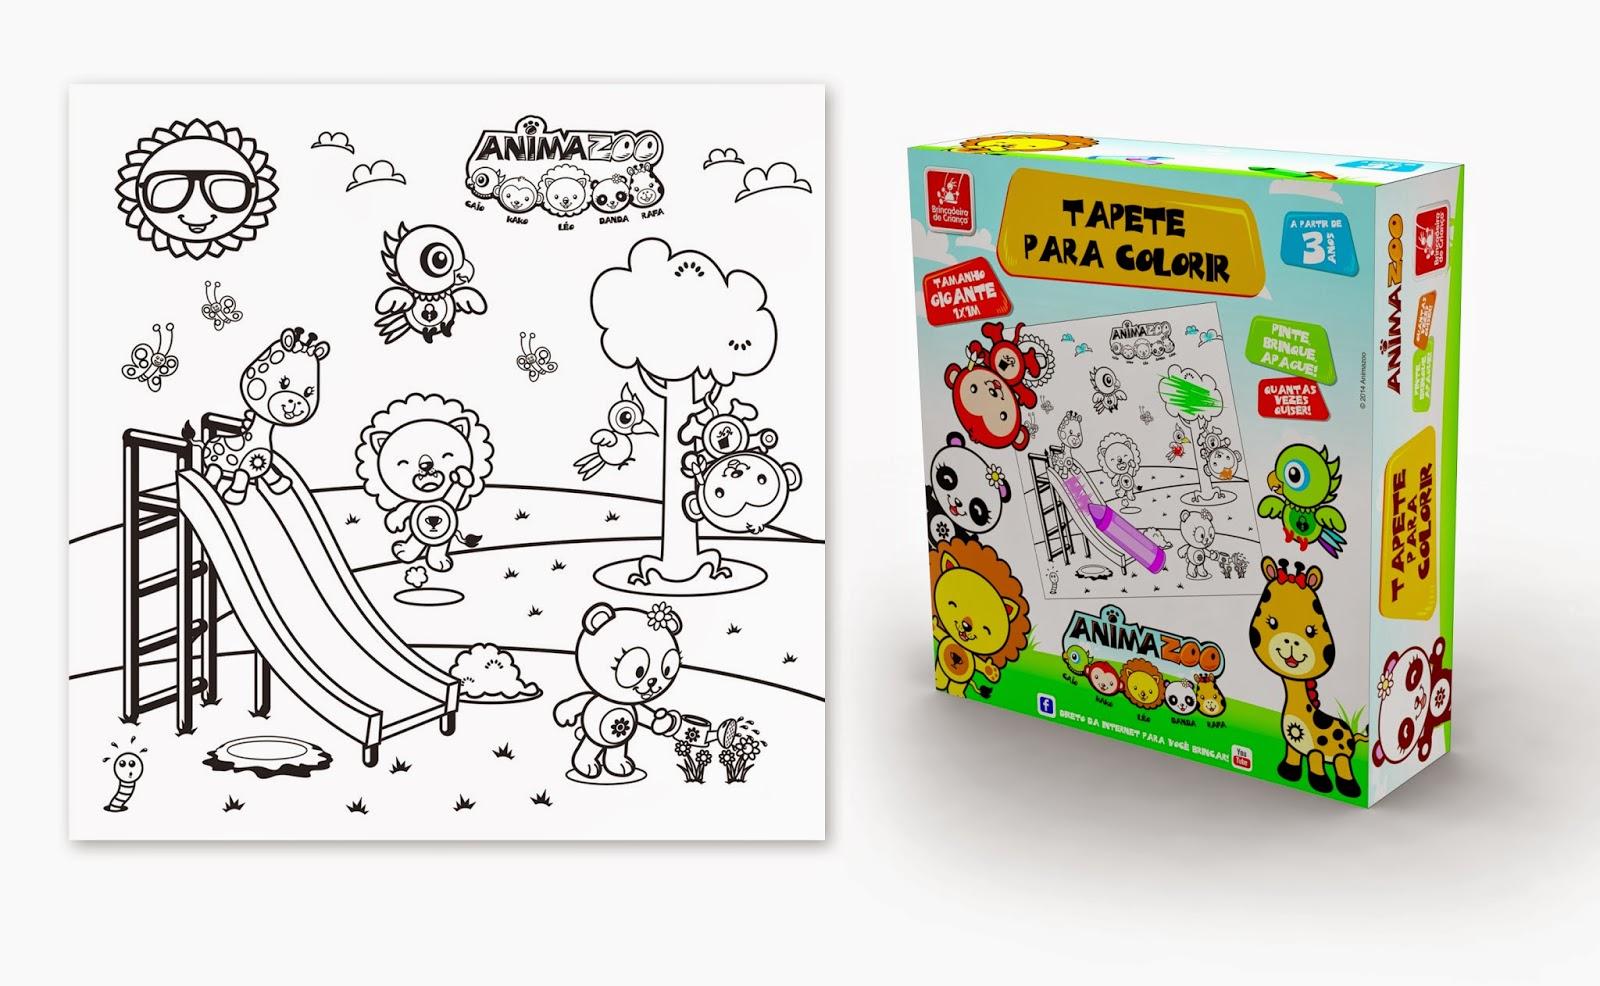 Tv Brinquedos Turminha Do Animazoo Entra No Mercado De Brinquedos